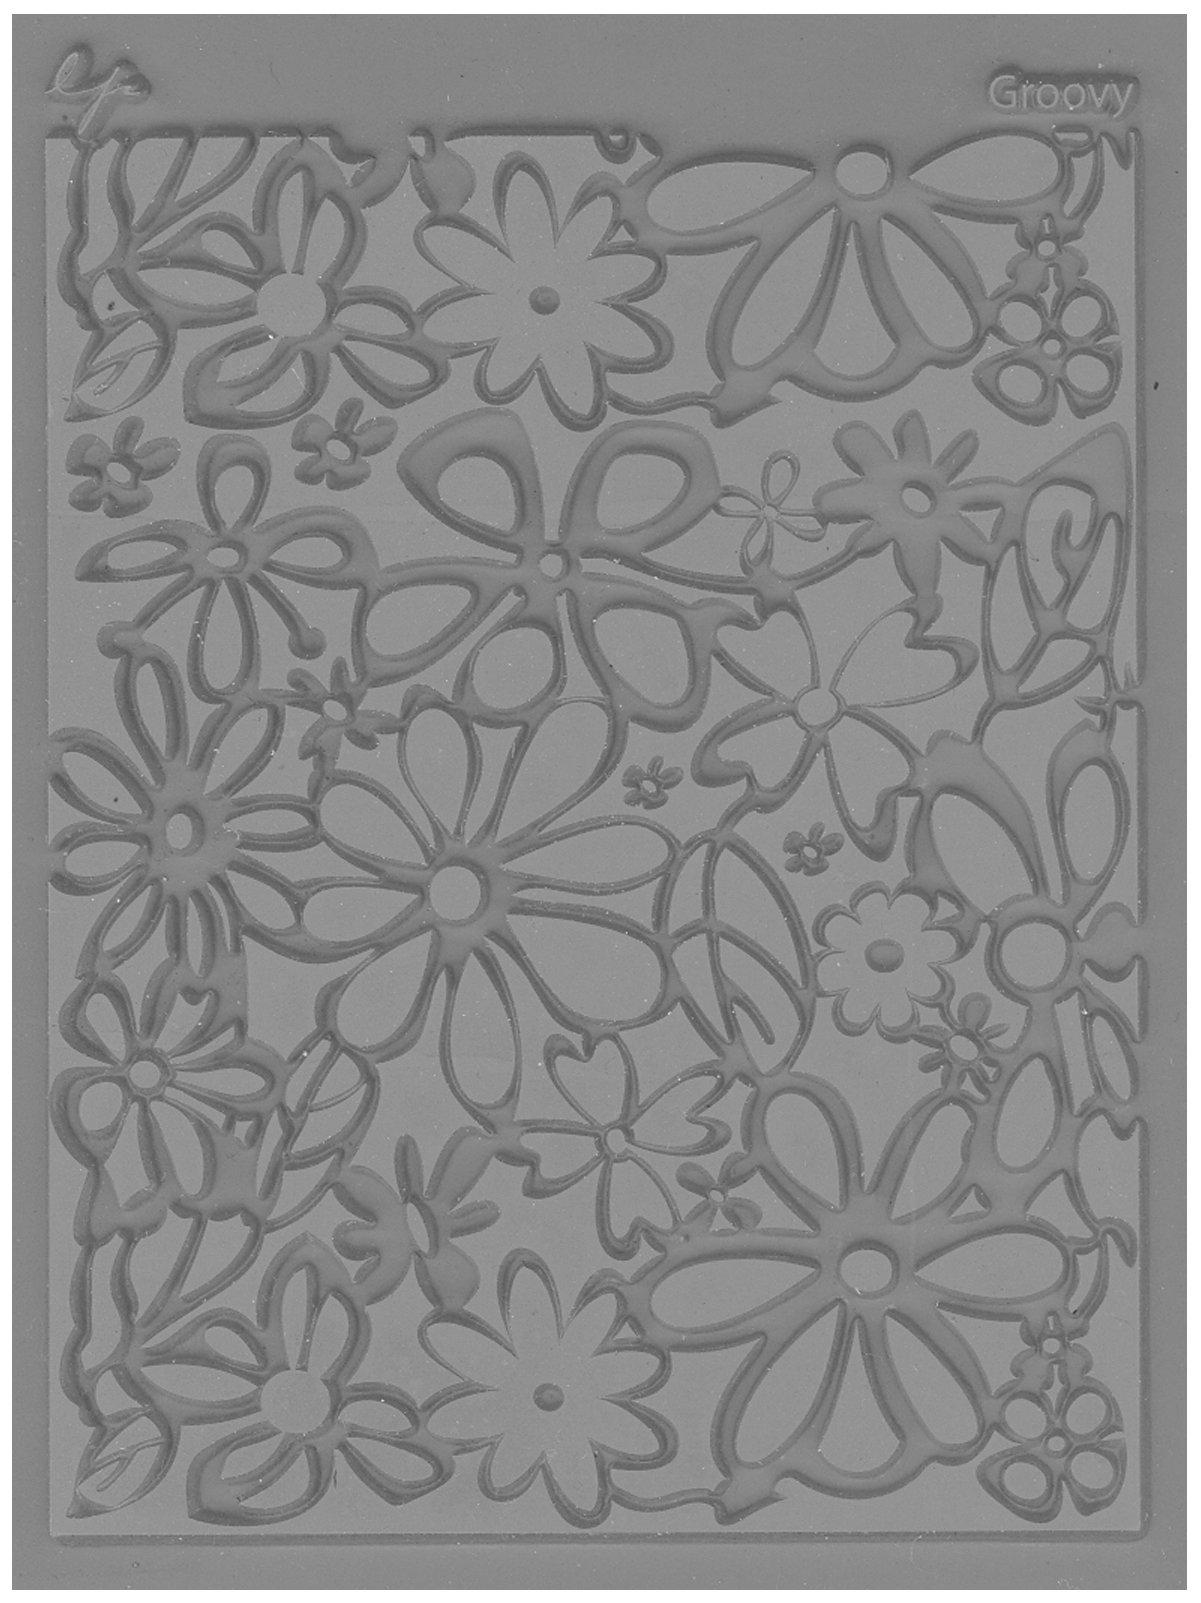 JHB International Inc Great Create Lisa Pavelka Individual Texture Stamp 4.25''X5.5'' 1/Pkg-Groovy